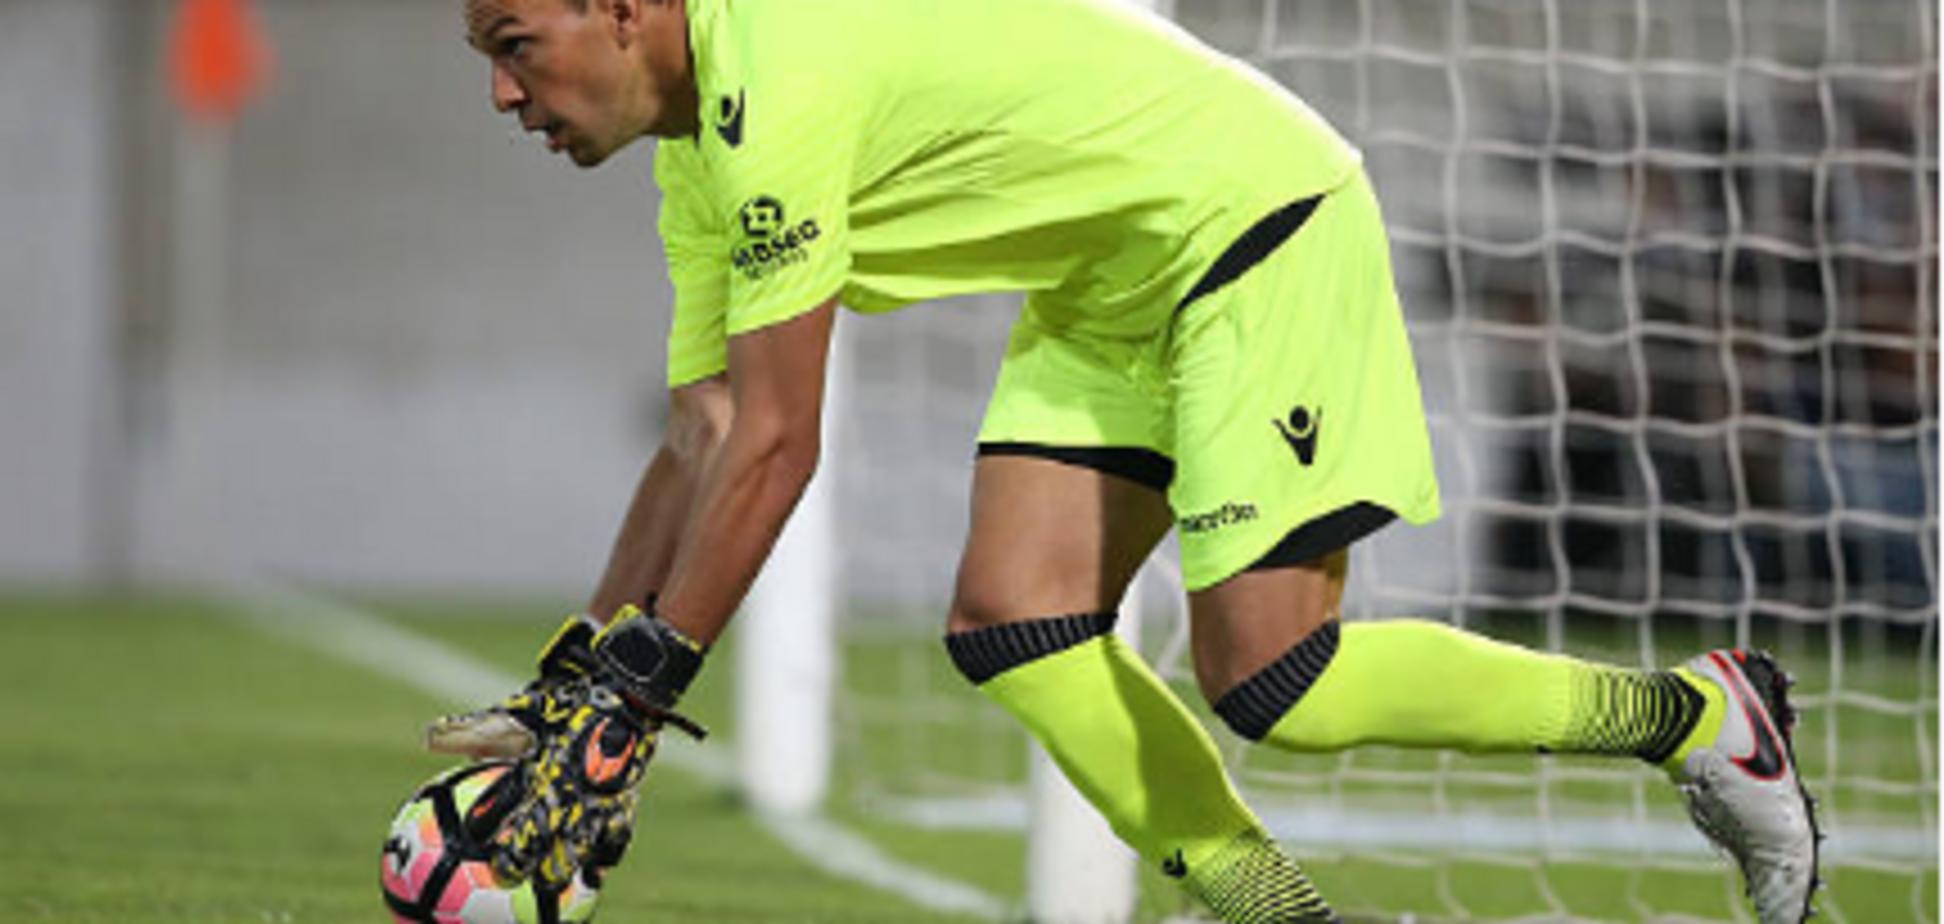 Бразильский вратарь допустил убойный ляп во время матча: видео конфуза